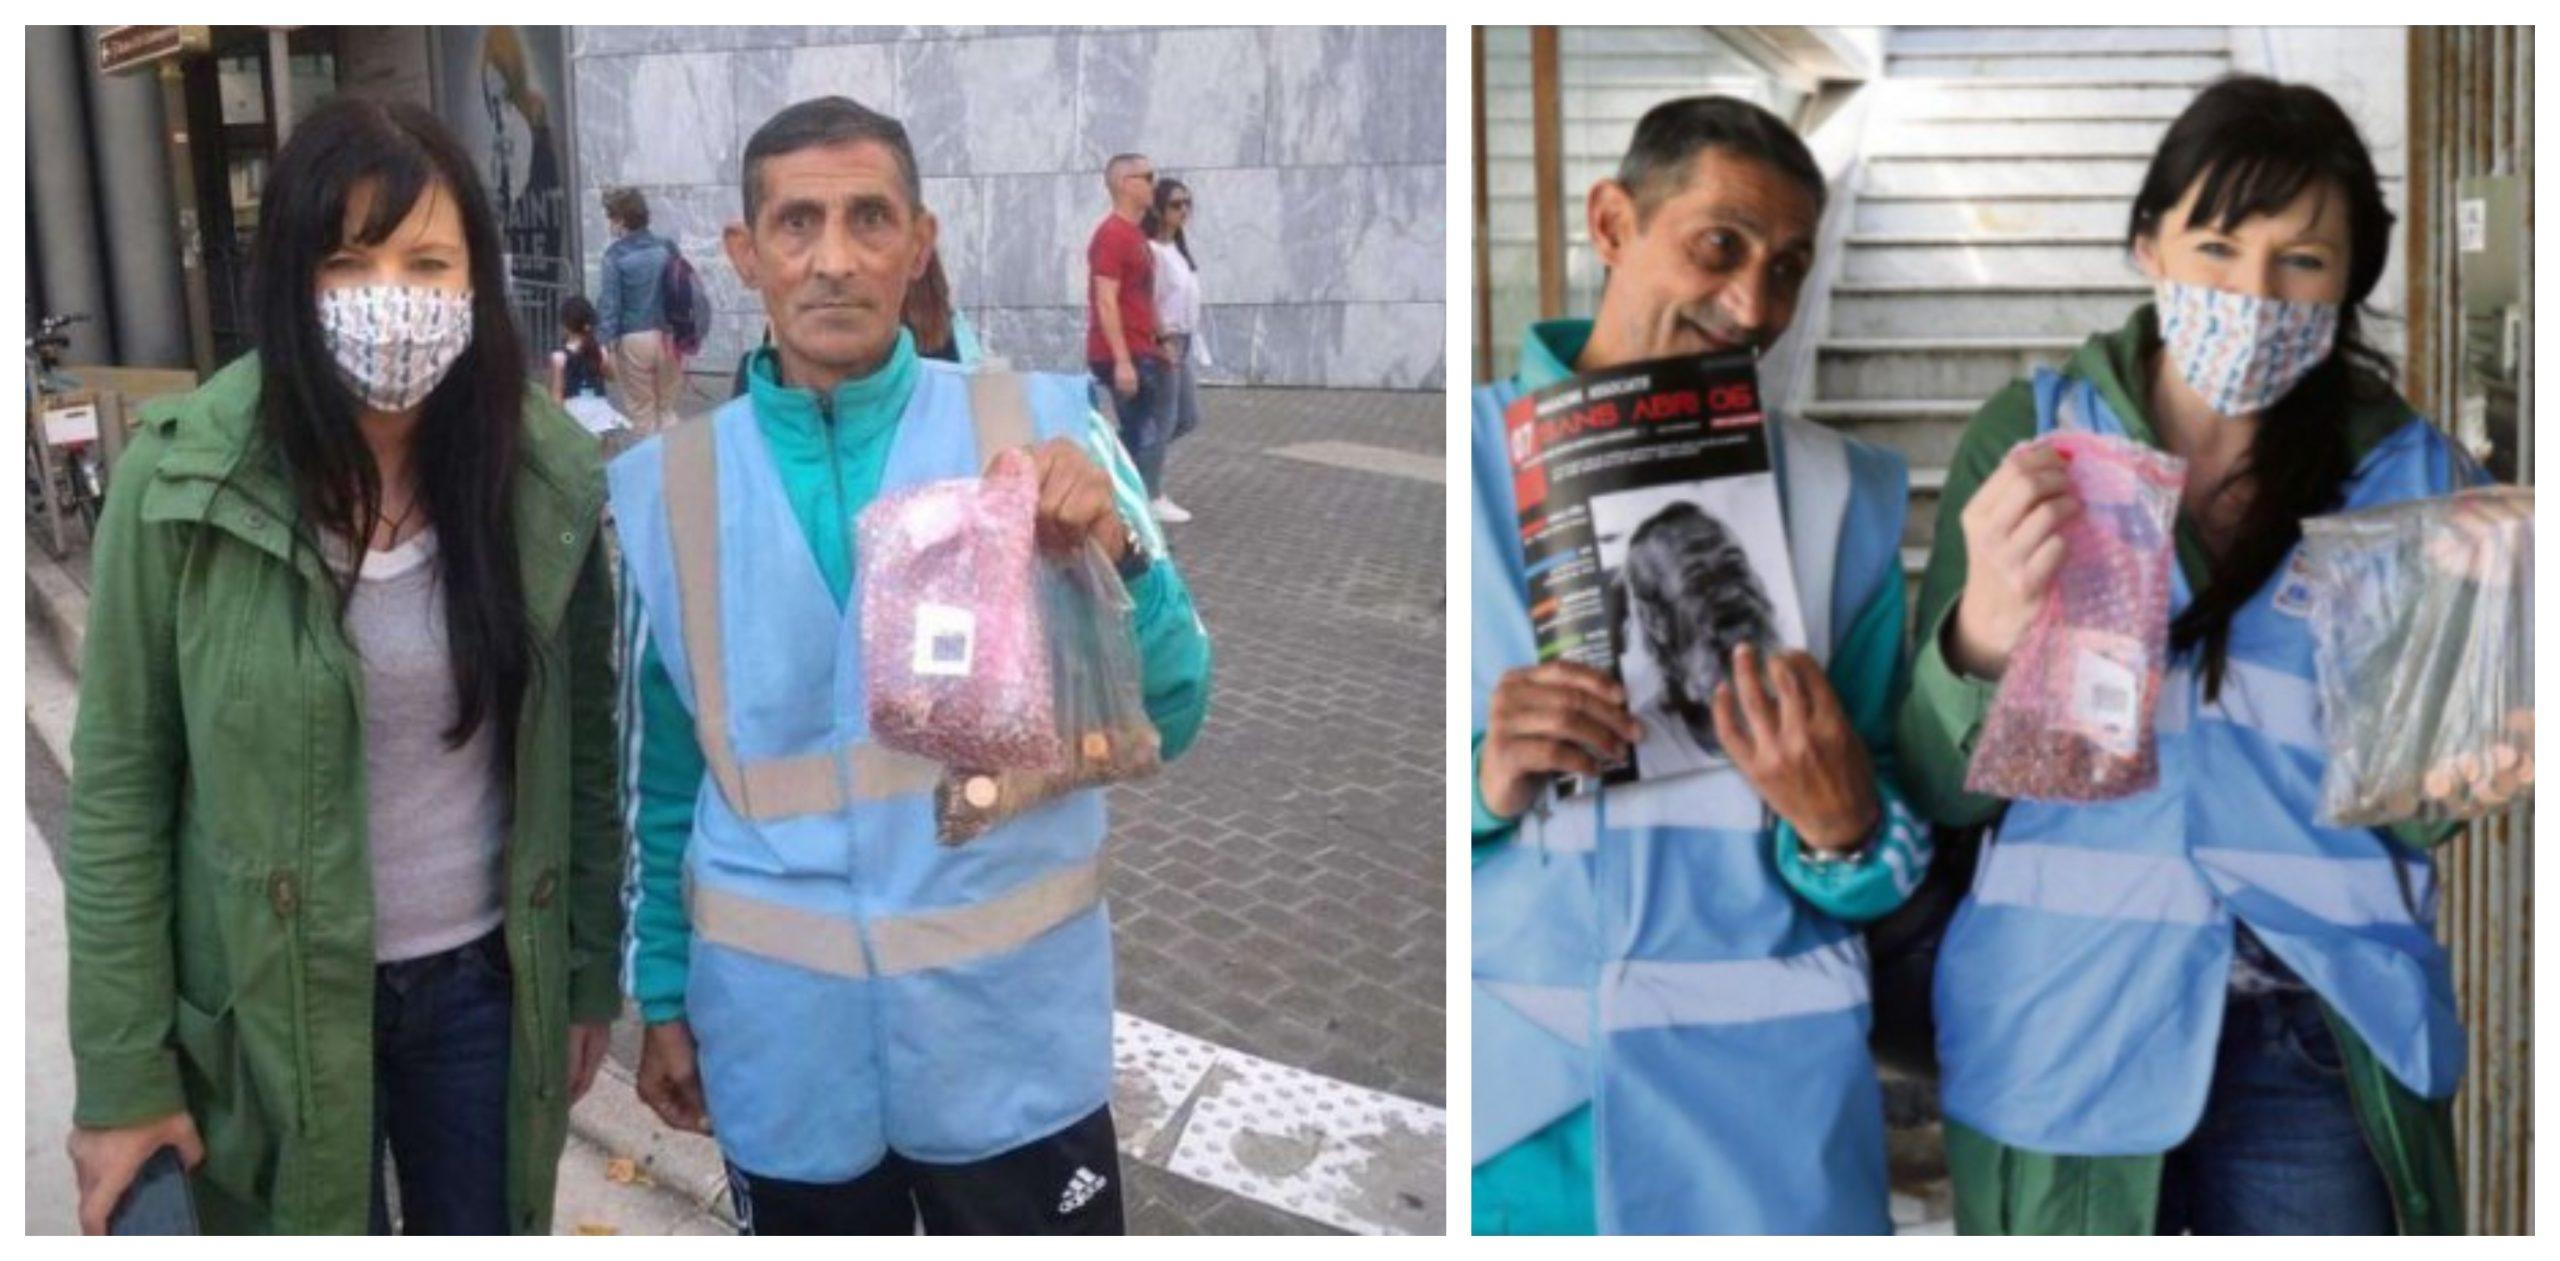 Gest impresionant! Un cerșetor român și-a donat toți banii pentru victimele inundațiilor